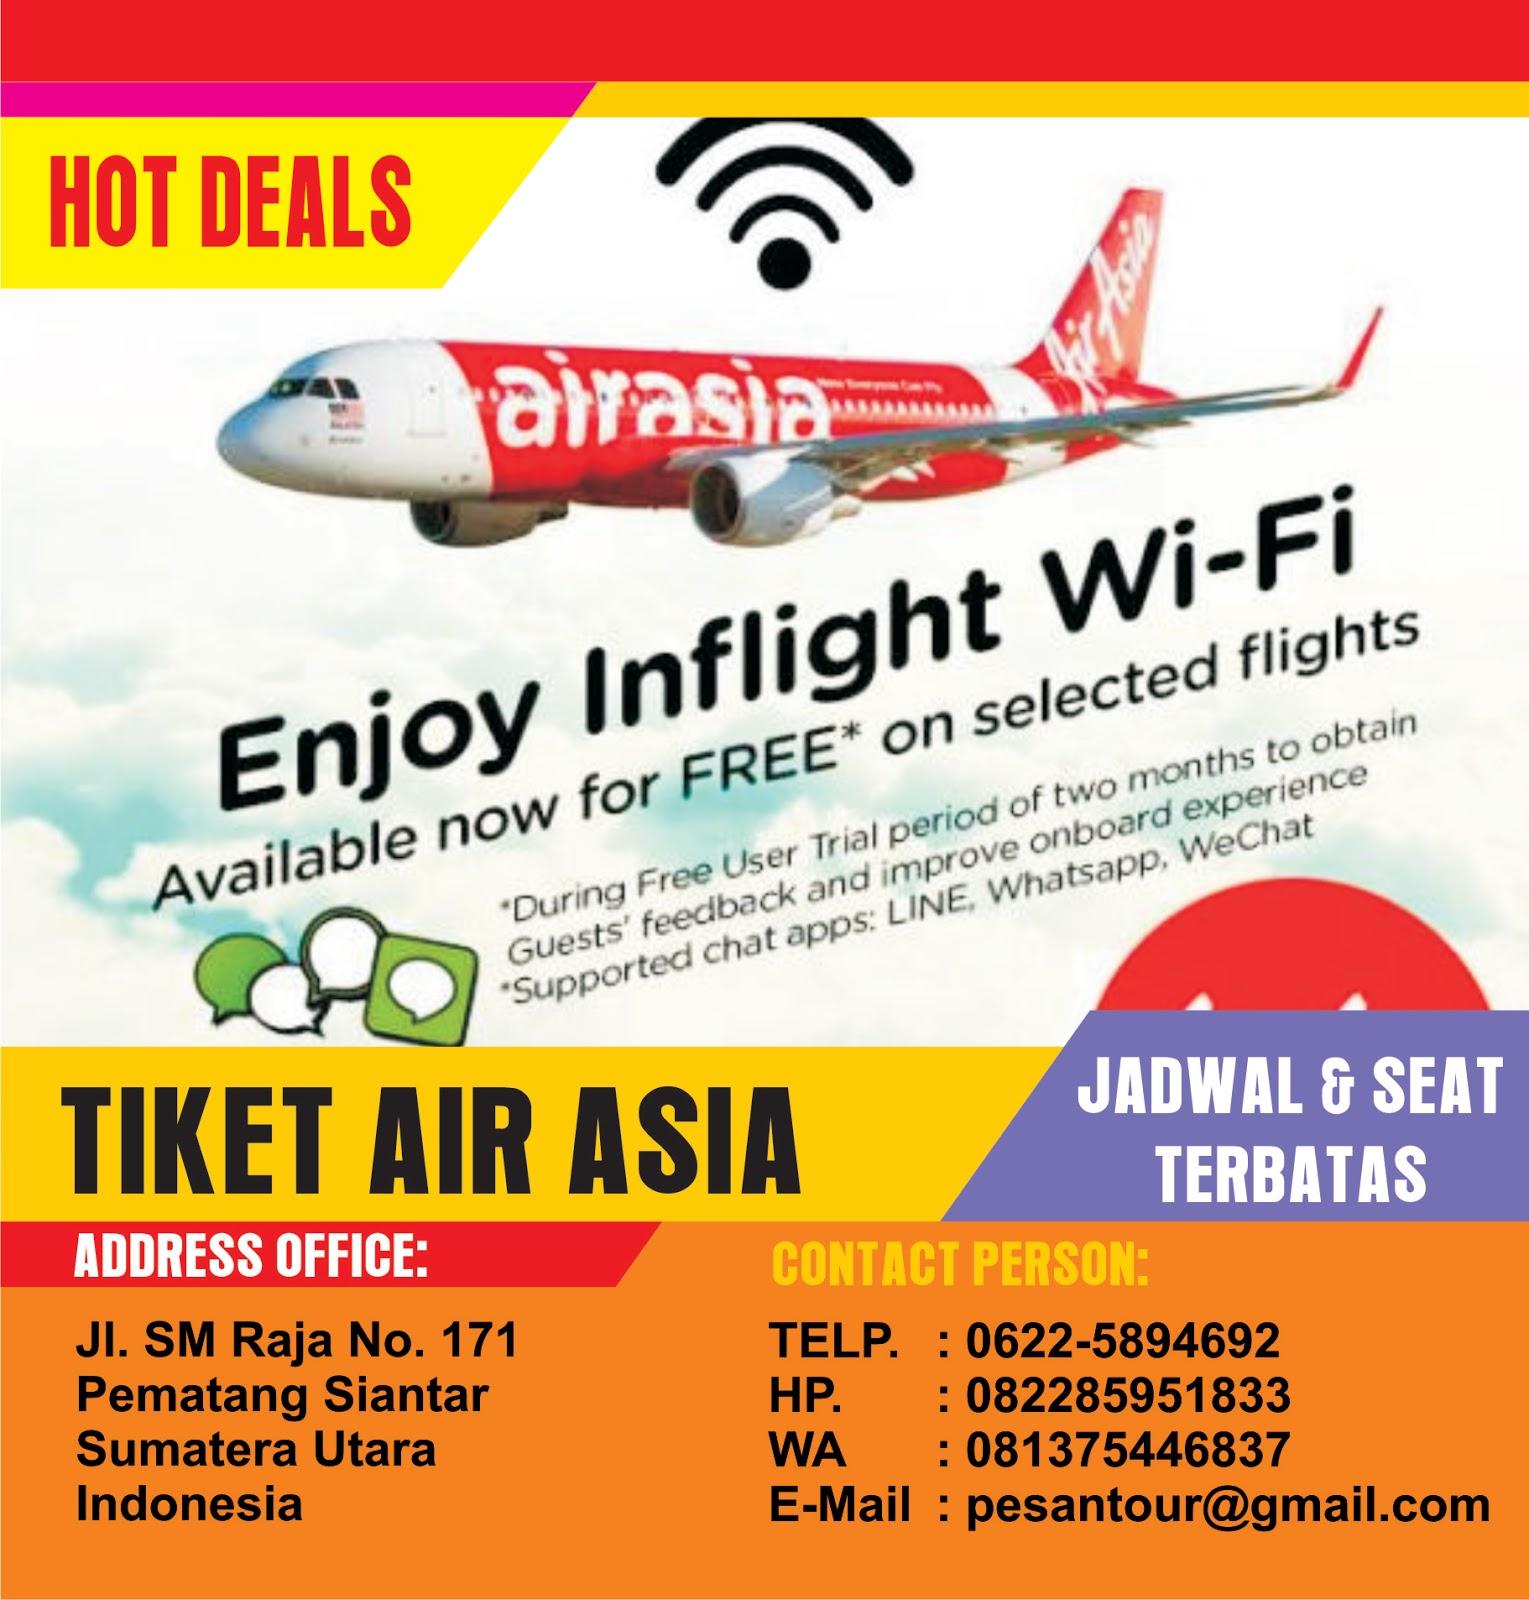 Promo Tiket Air Asia Temukan Harga Termurah Rental Mobil Di Bagi Anda Pemburu Murah Kami Menawarkan Kepada Pesawat Dengan Syarat Ketentuan Berlaku